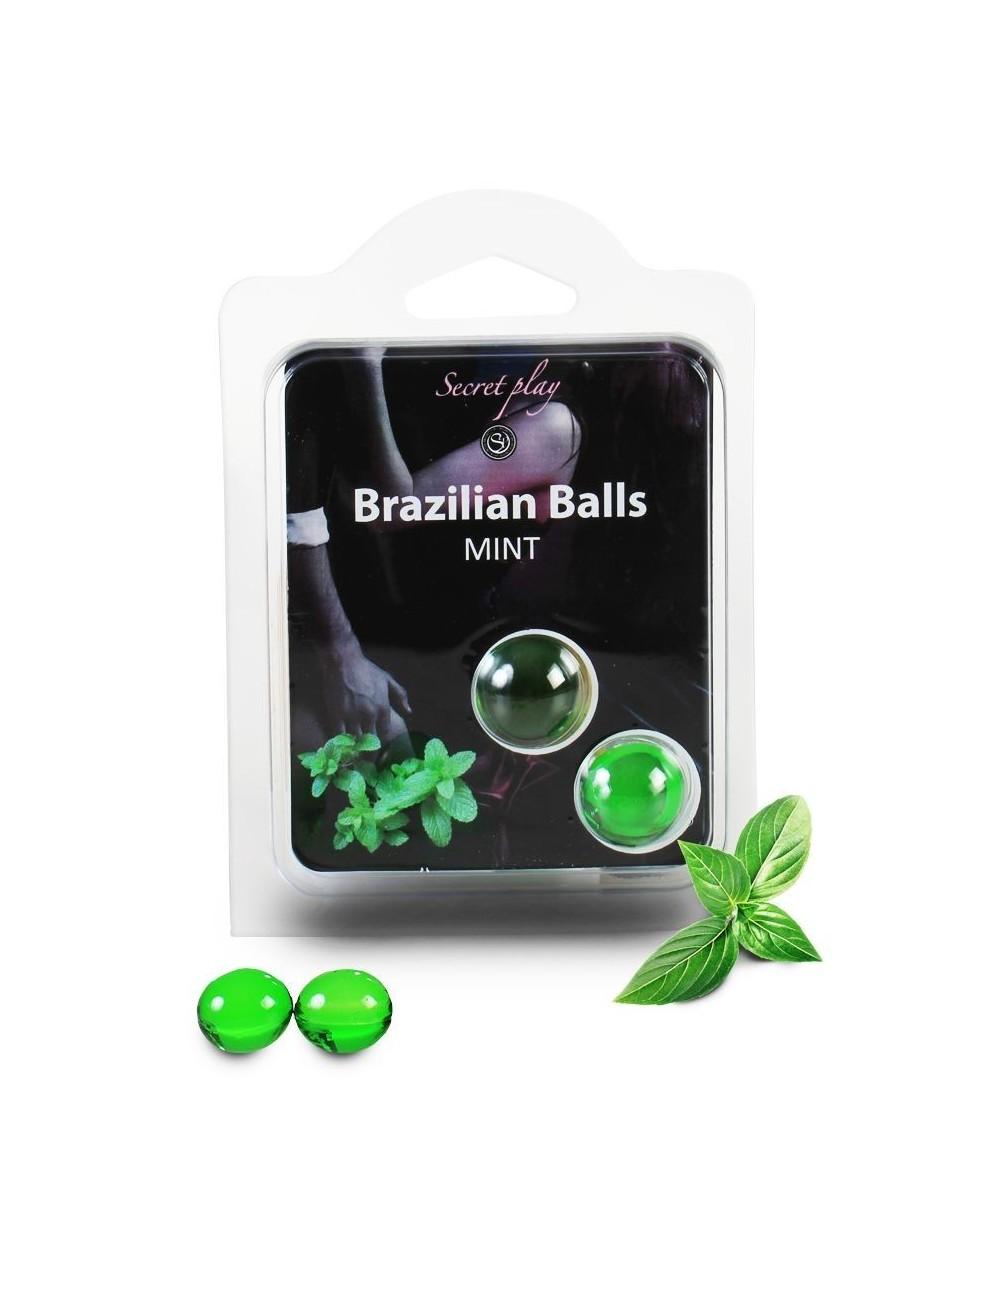 Duo Brazilian Balls Menthe 3385-8 - Huiles de massage - Brazilian Balls